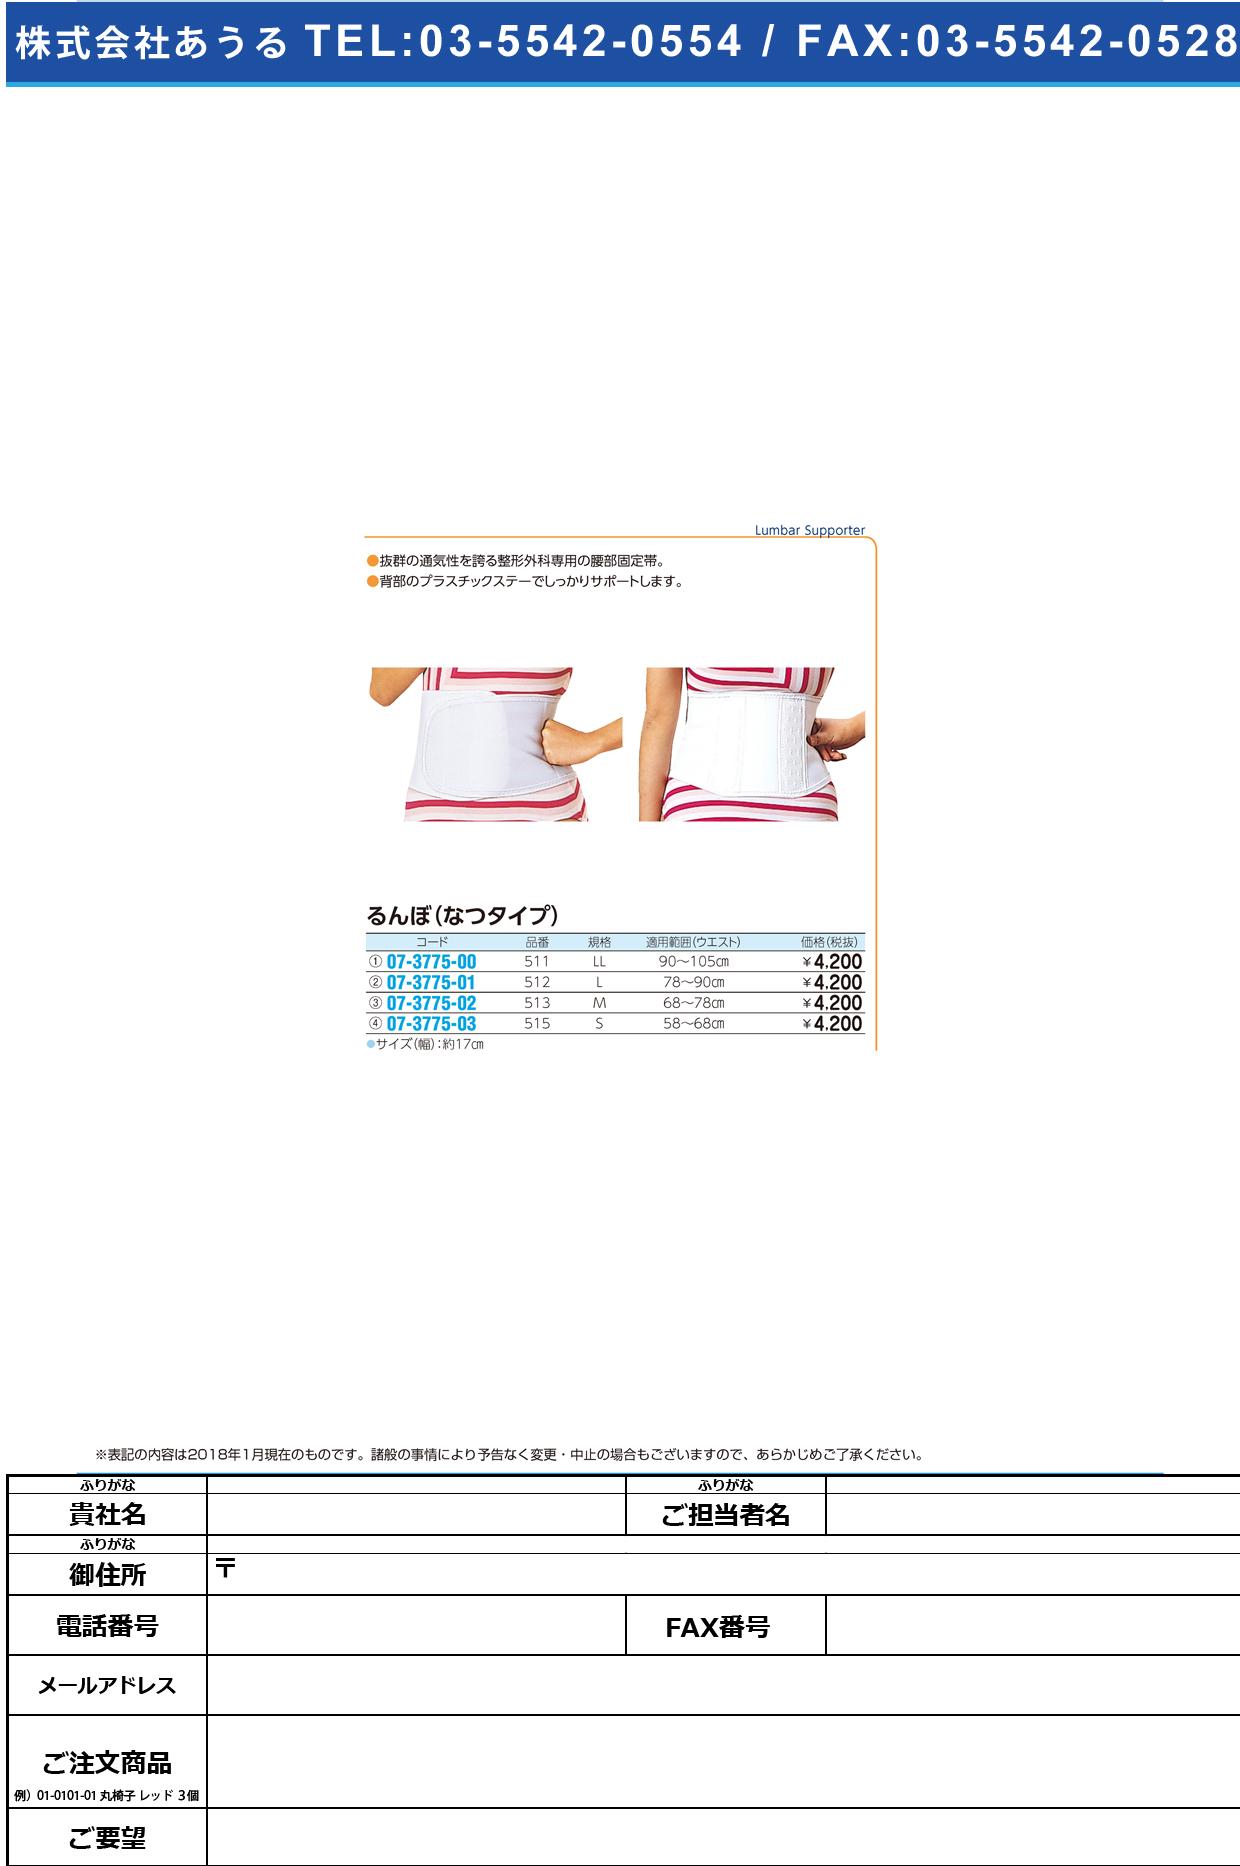 (07-3775-03)るんぼ(なつタイプ)S 515 ルンボナツタイプ【1枚単位】【2018年カタログ商品】